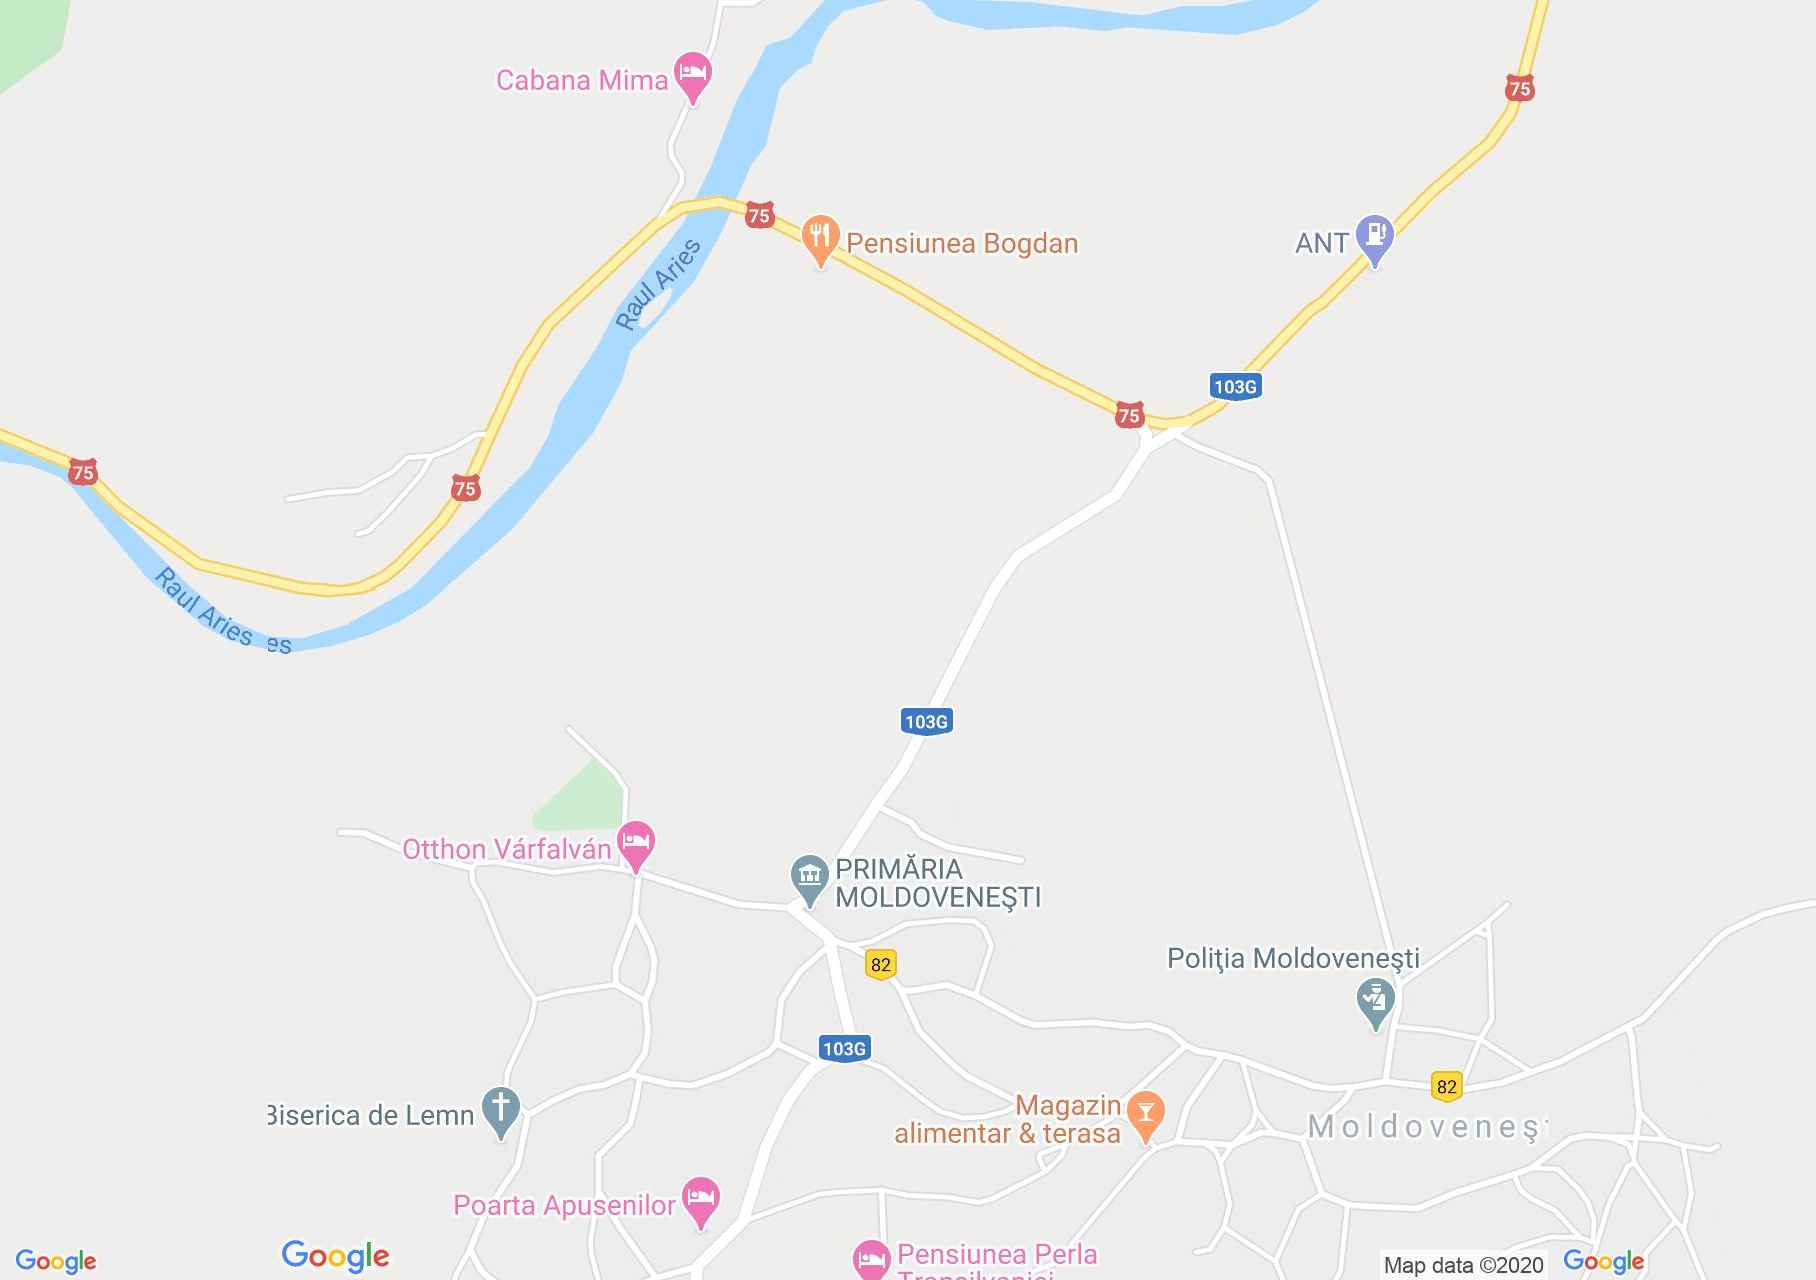 Moldoveneşti, Interactive tourist map